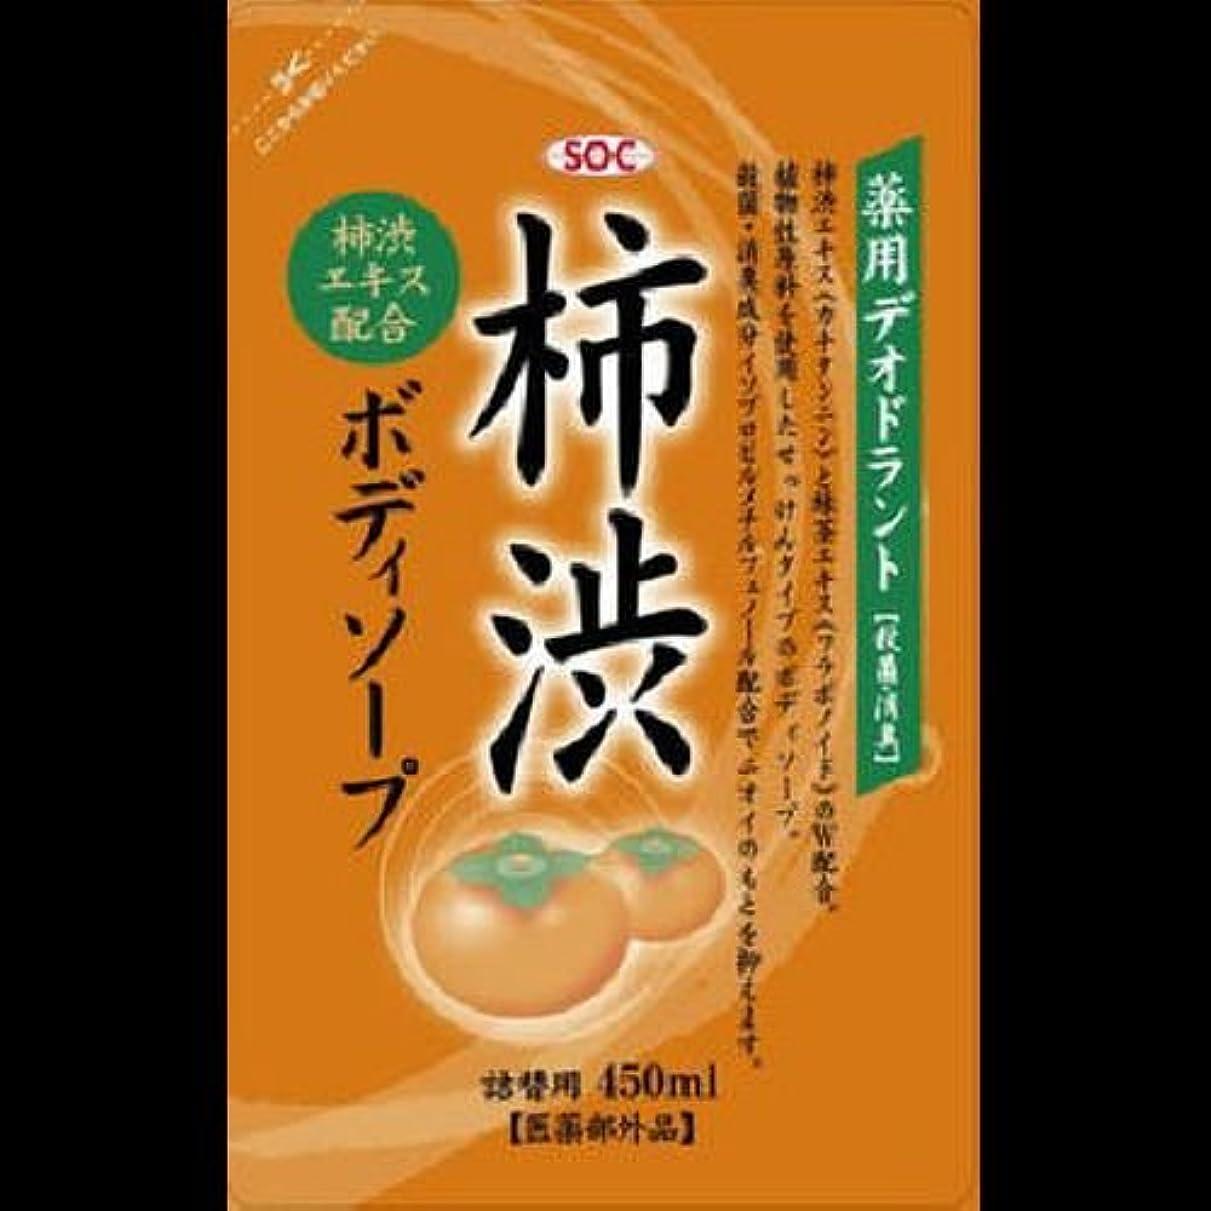 やりすぎ魅力的であることへのアピールファンブルSOC 薬用柿渋ボディソープ 詰替 450ml ×2セット